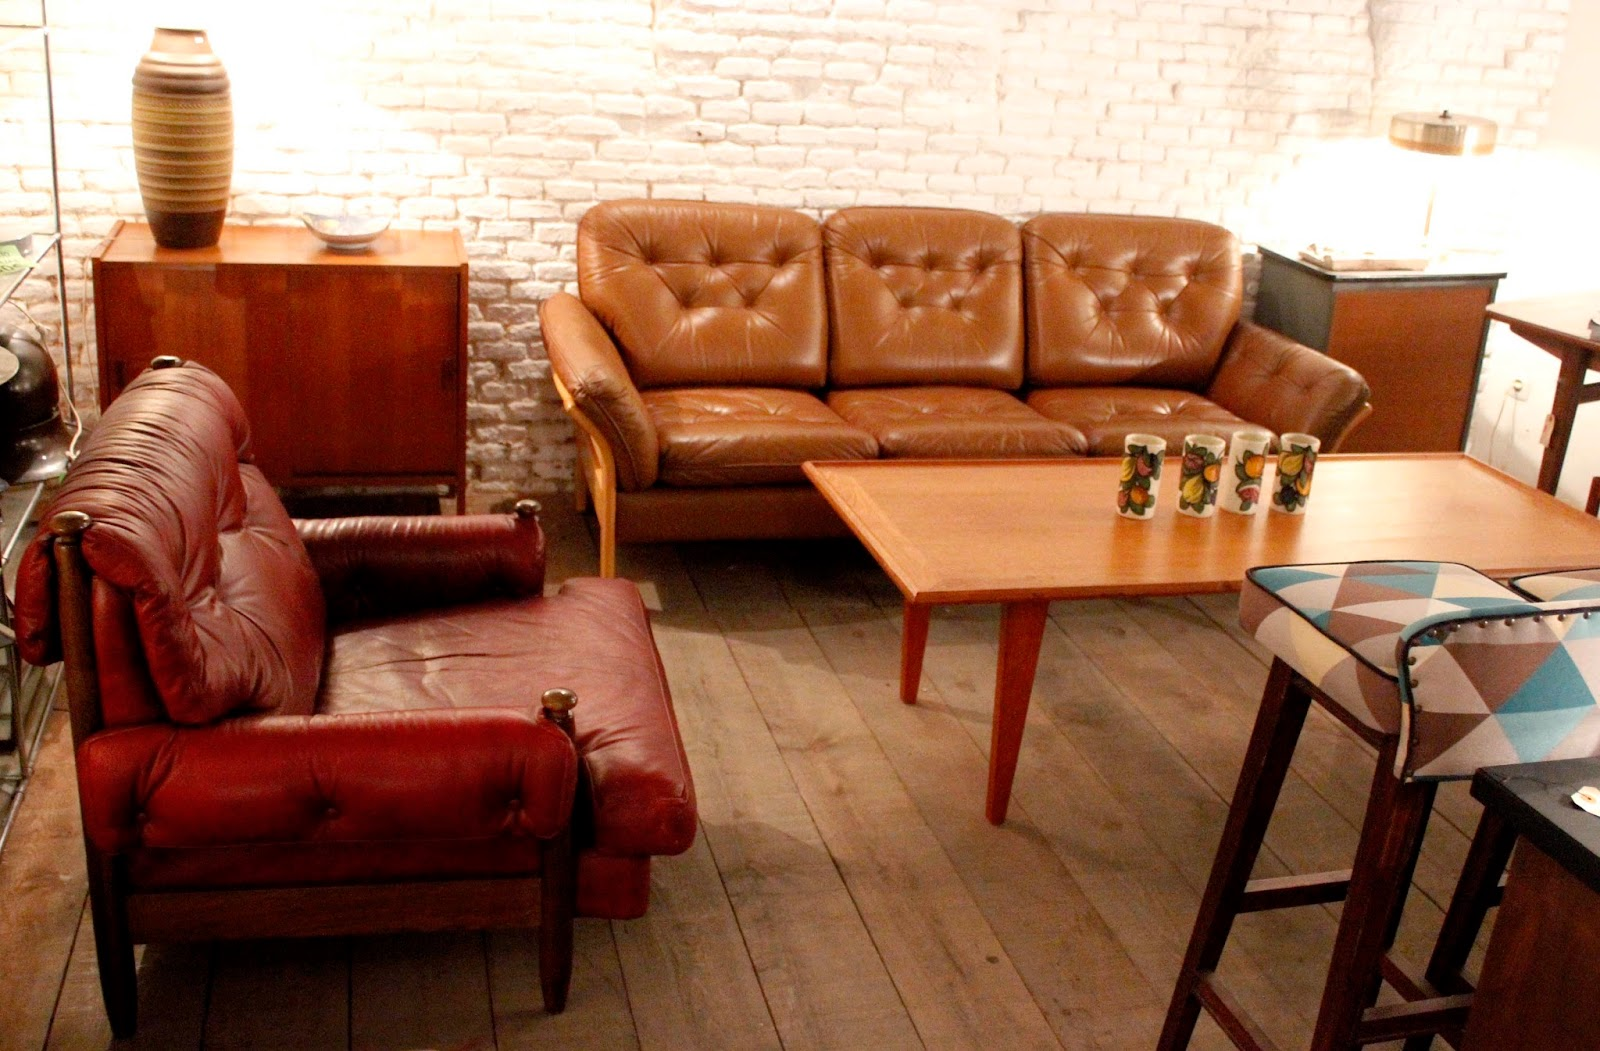 Vintage 4p tu tienda de muebles vintage en madrid tu tienda de muebles vintage en madrid con - Muebles para restaurar madrid ...